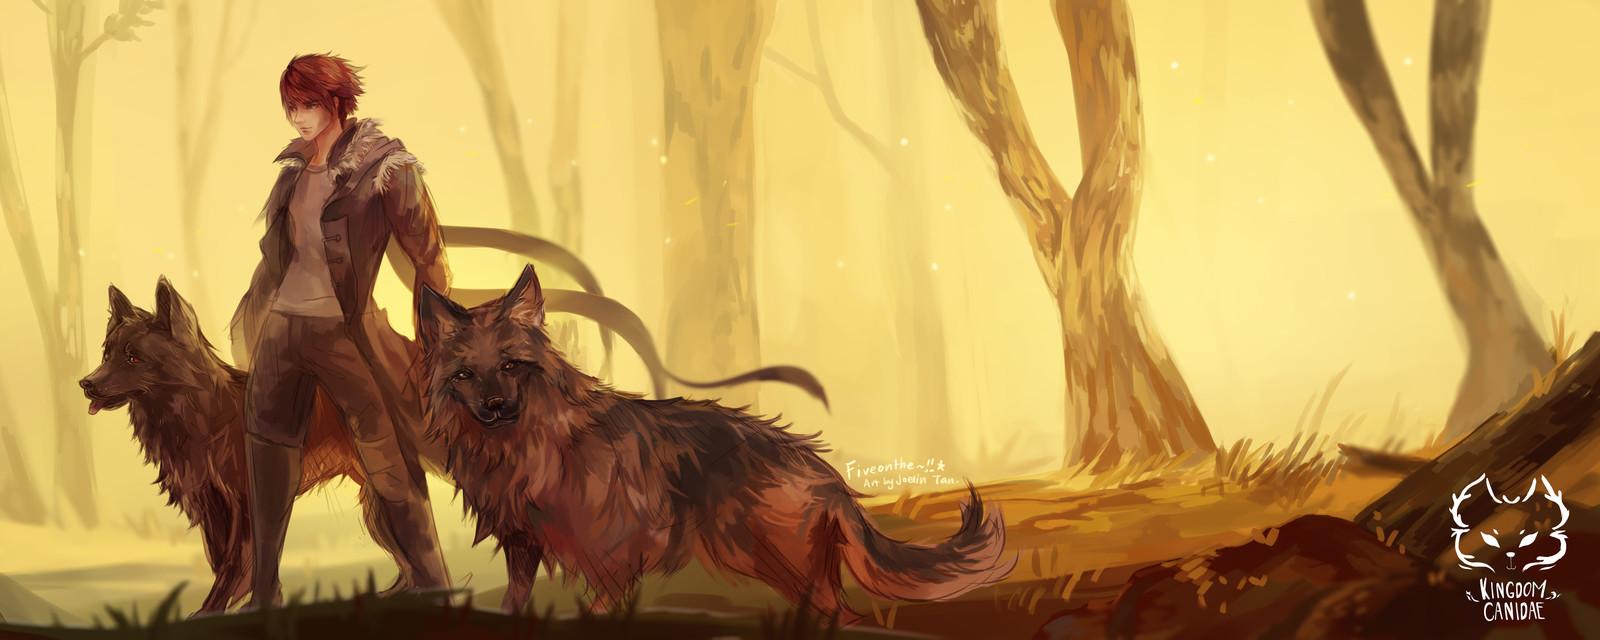 Kingdom Canidae: German Shepherd.